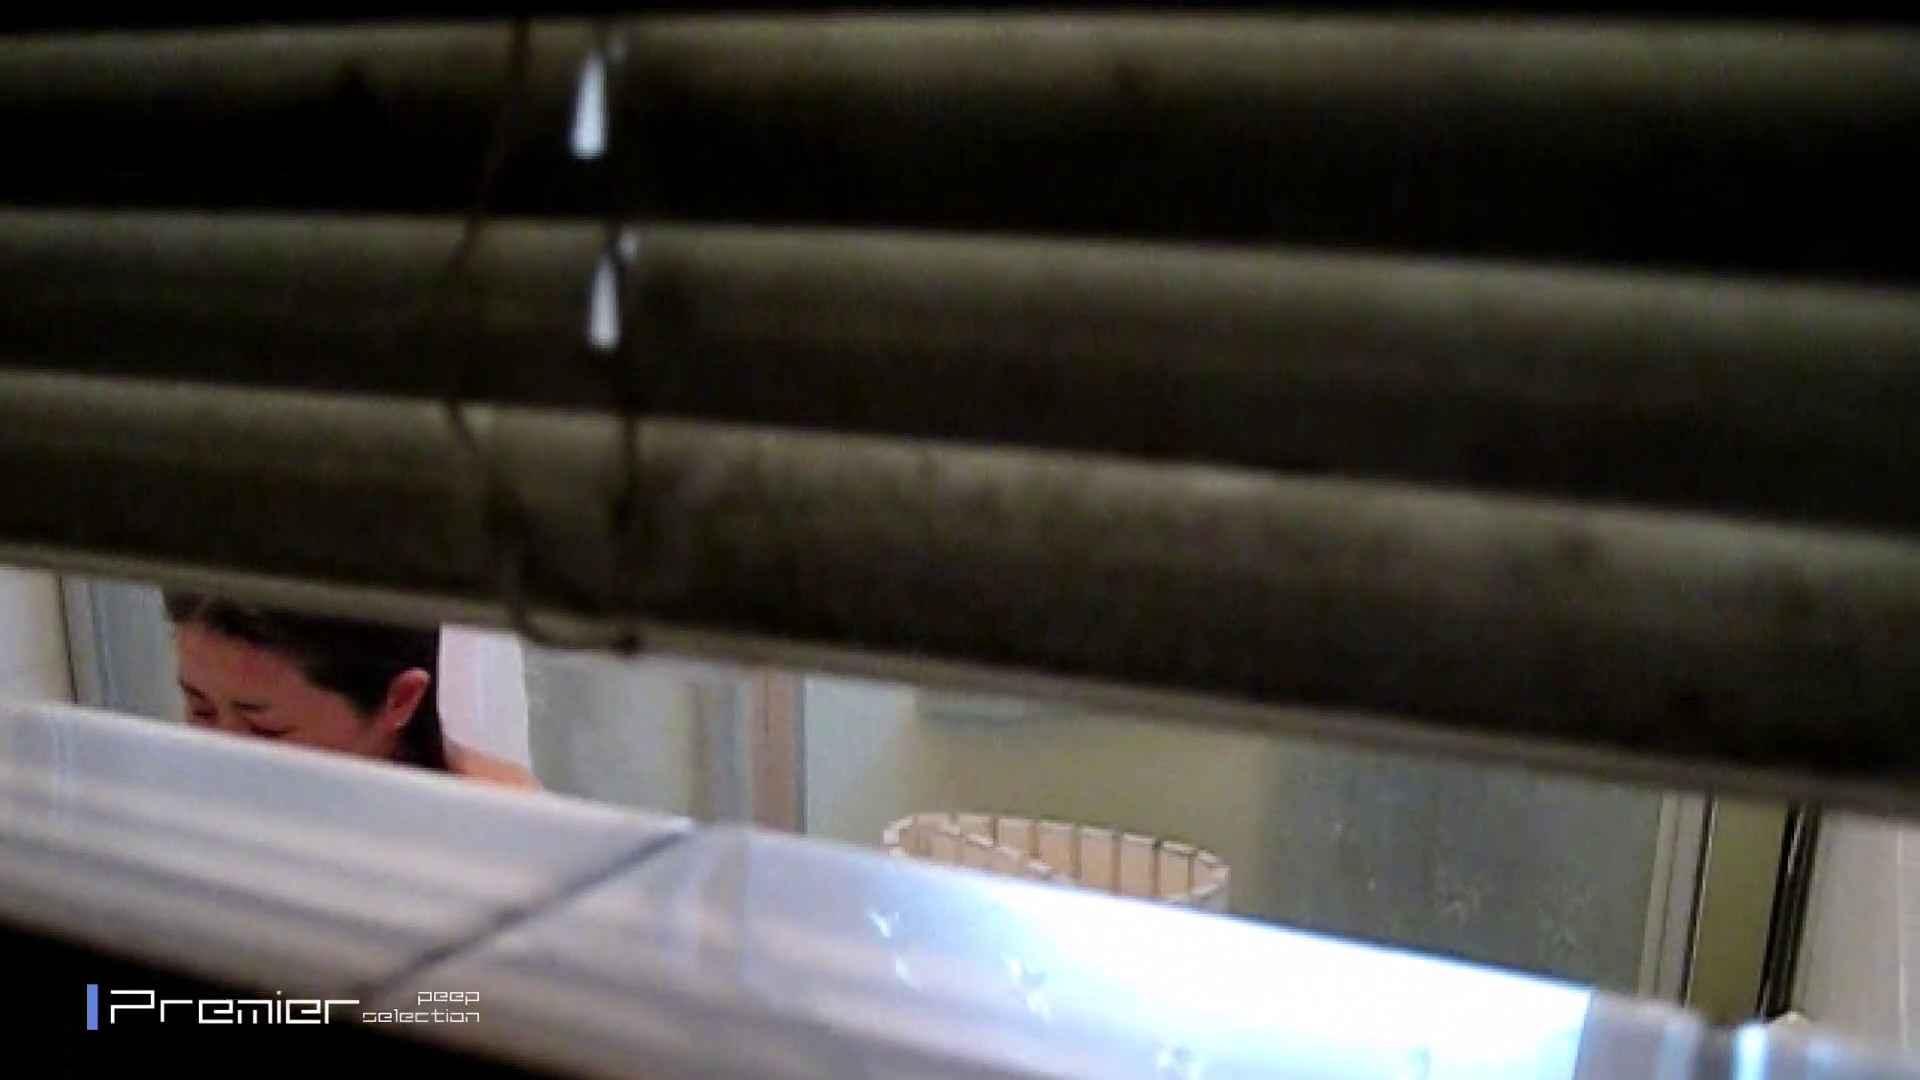 水も滴る美女入浴盗撮 乙女の風呂場 Vol.18 細身女性 性交動画流出 92画像 47